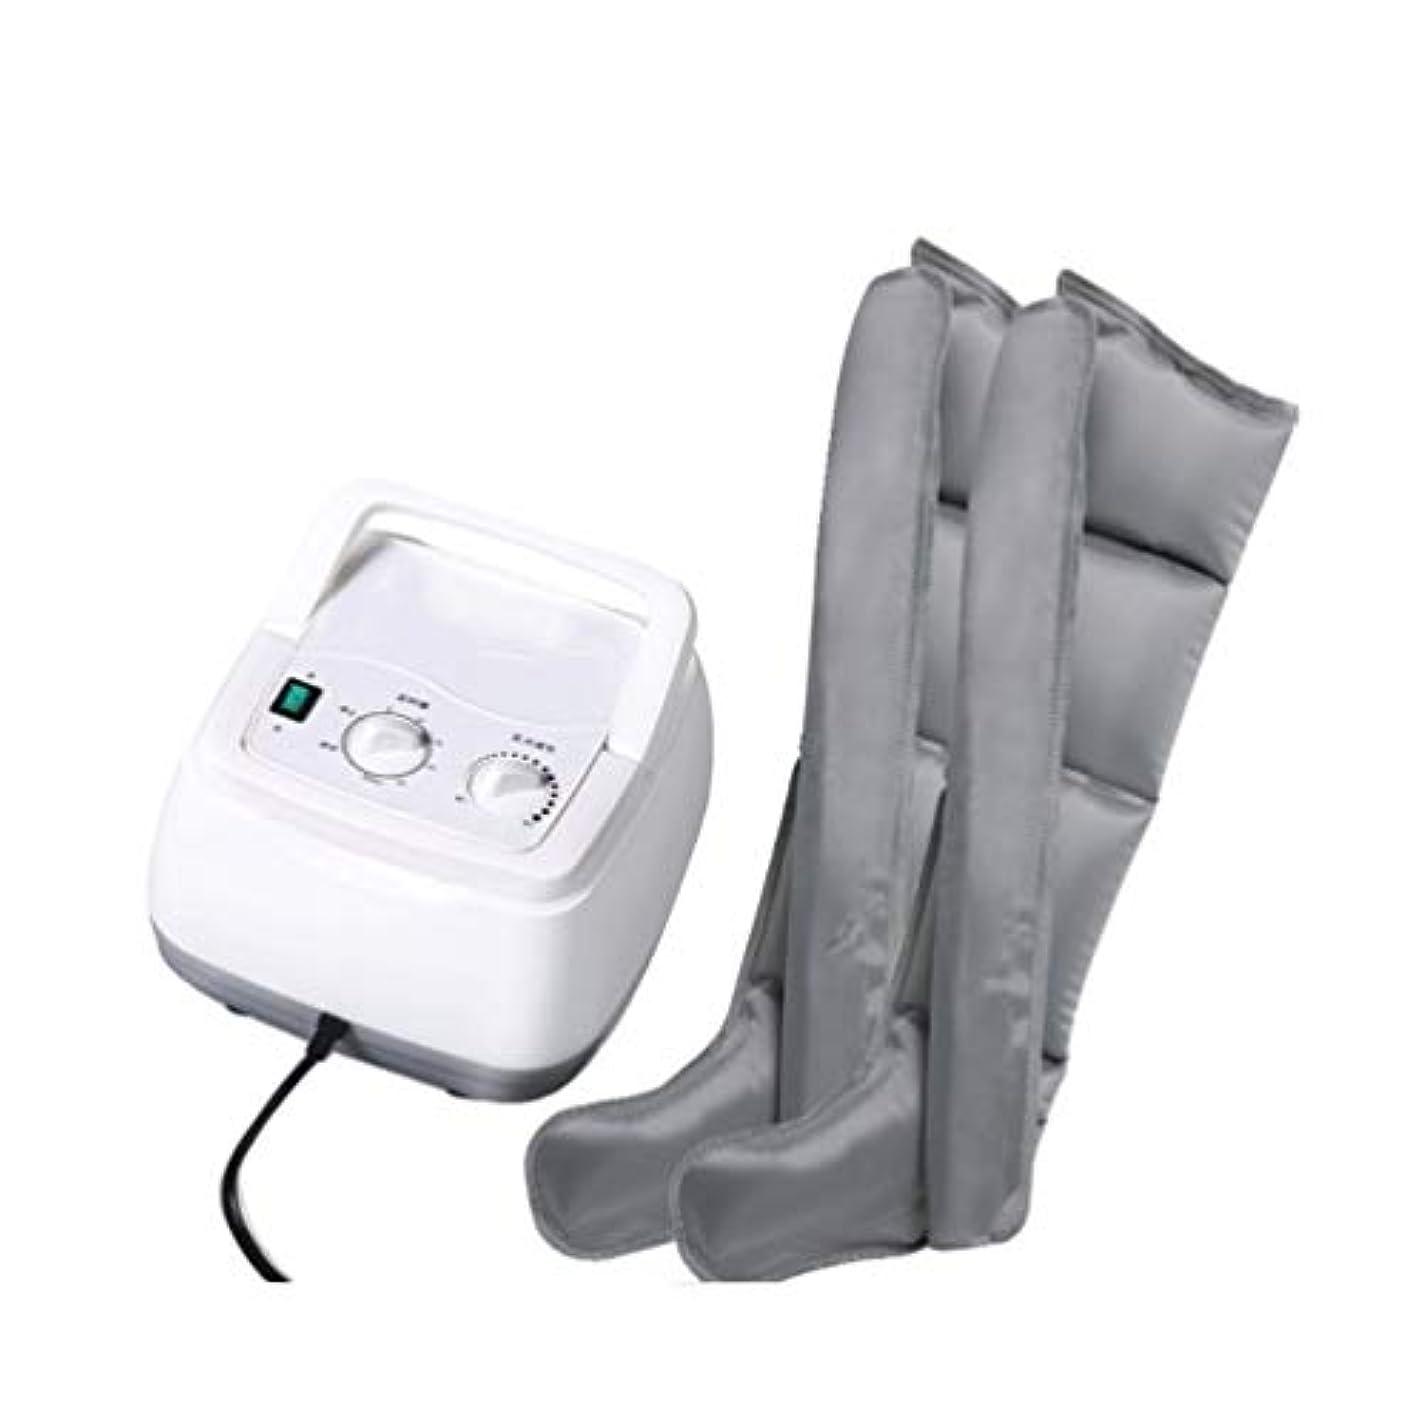 バースつぼみ経過足とふくらはぎの循環のための熱で空気圧縮脚マッサージャーマッサージ脚のラップは腫れや浮腫の痛みを助ける(グレー)